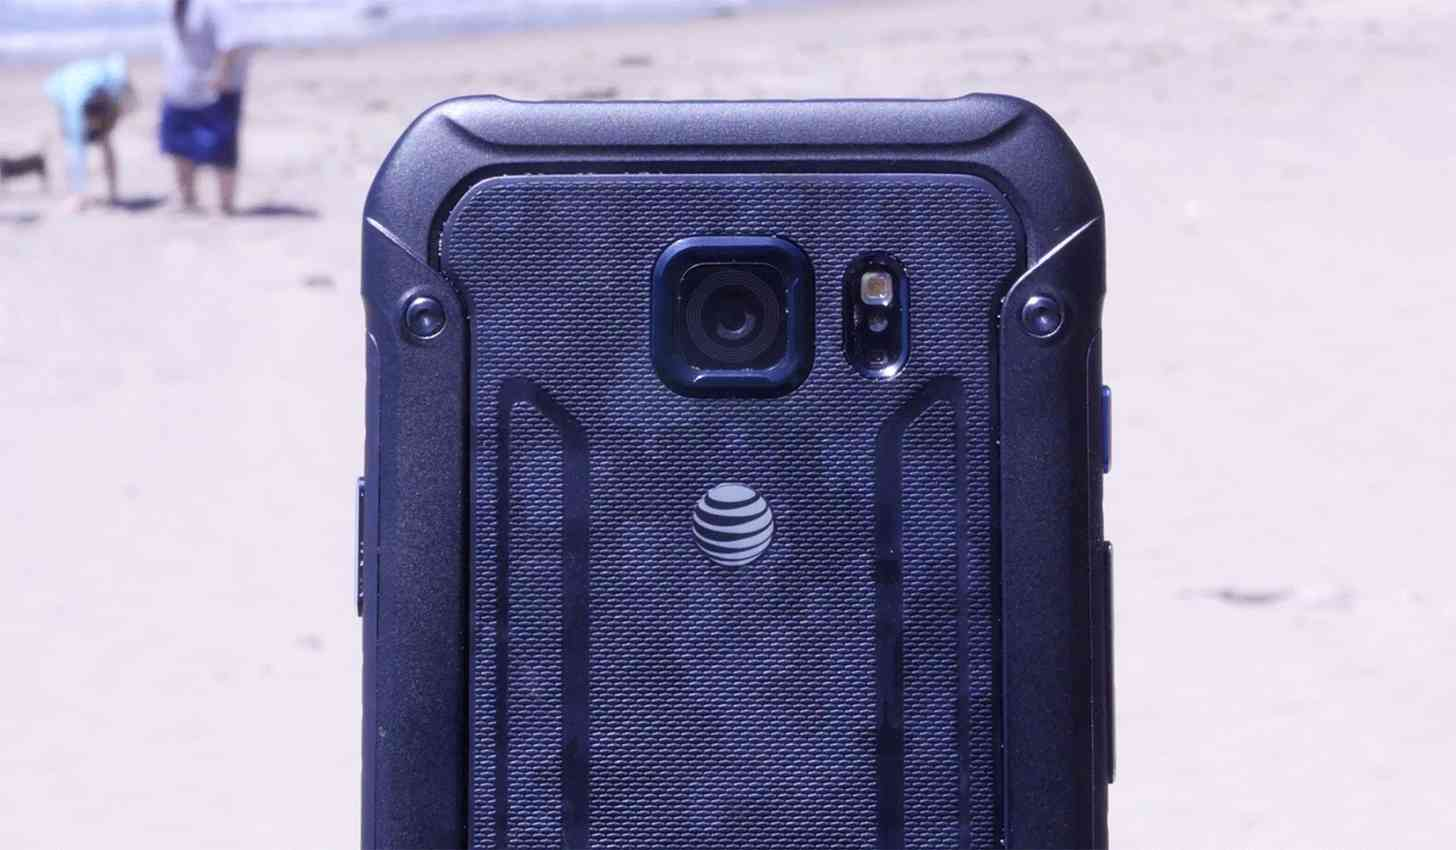 AT&T Samsung Galaxy S6 Active